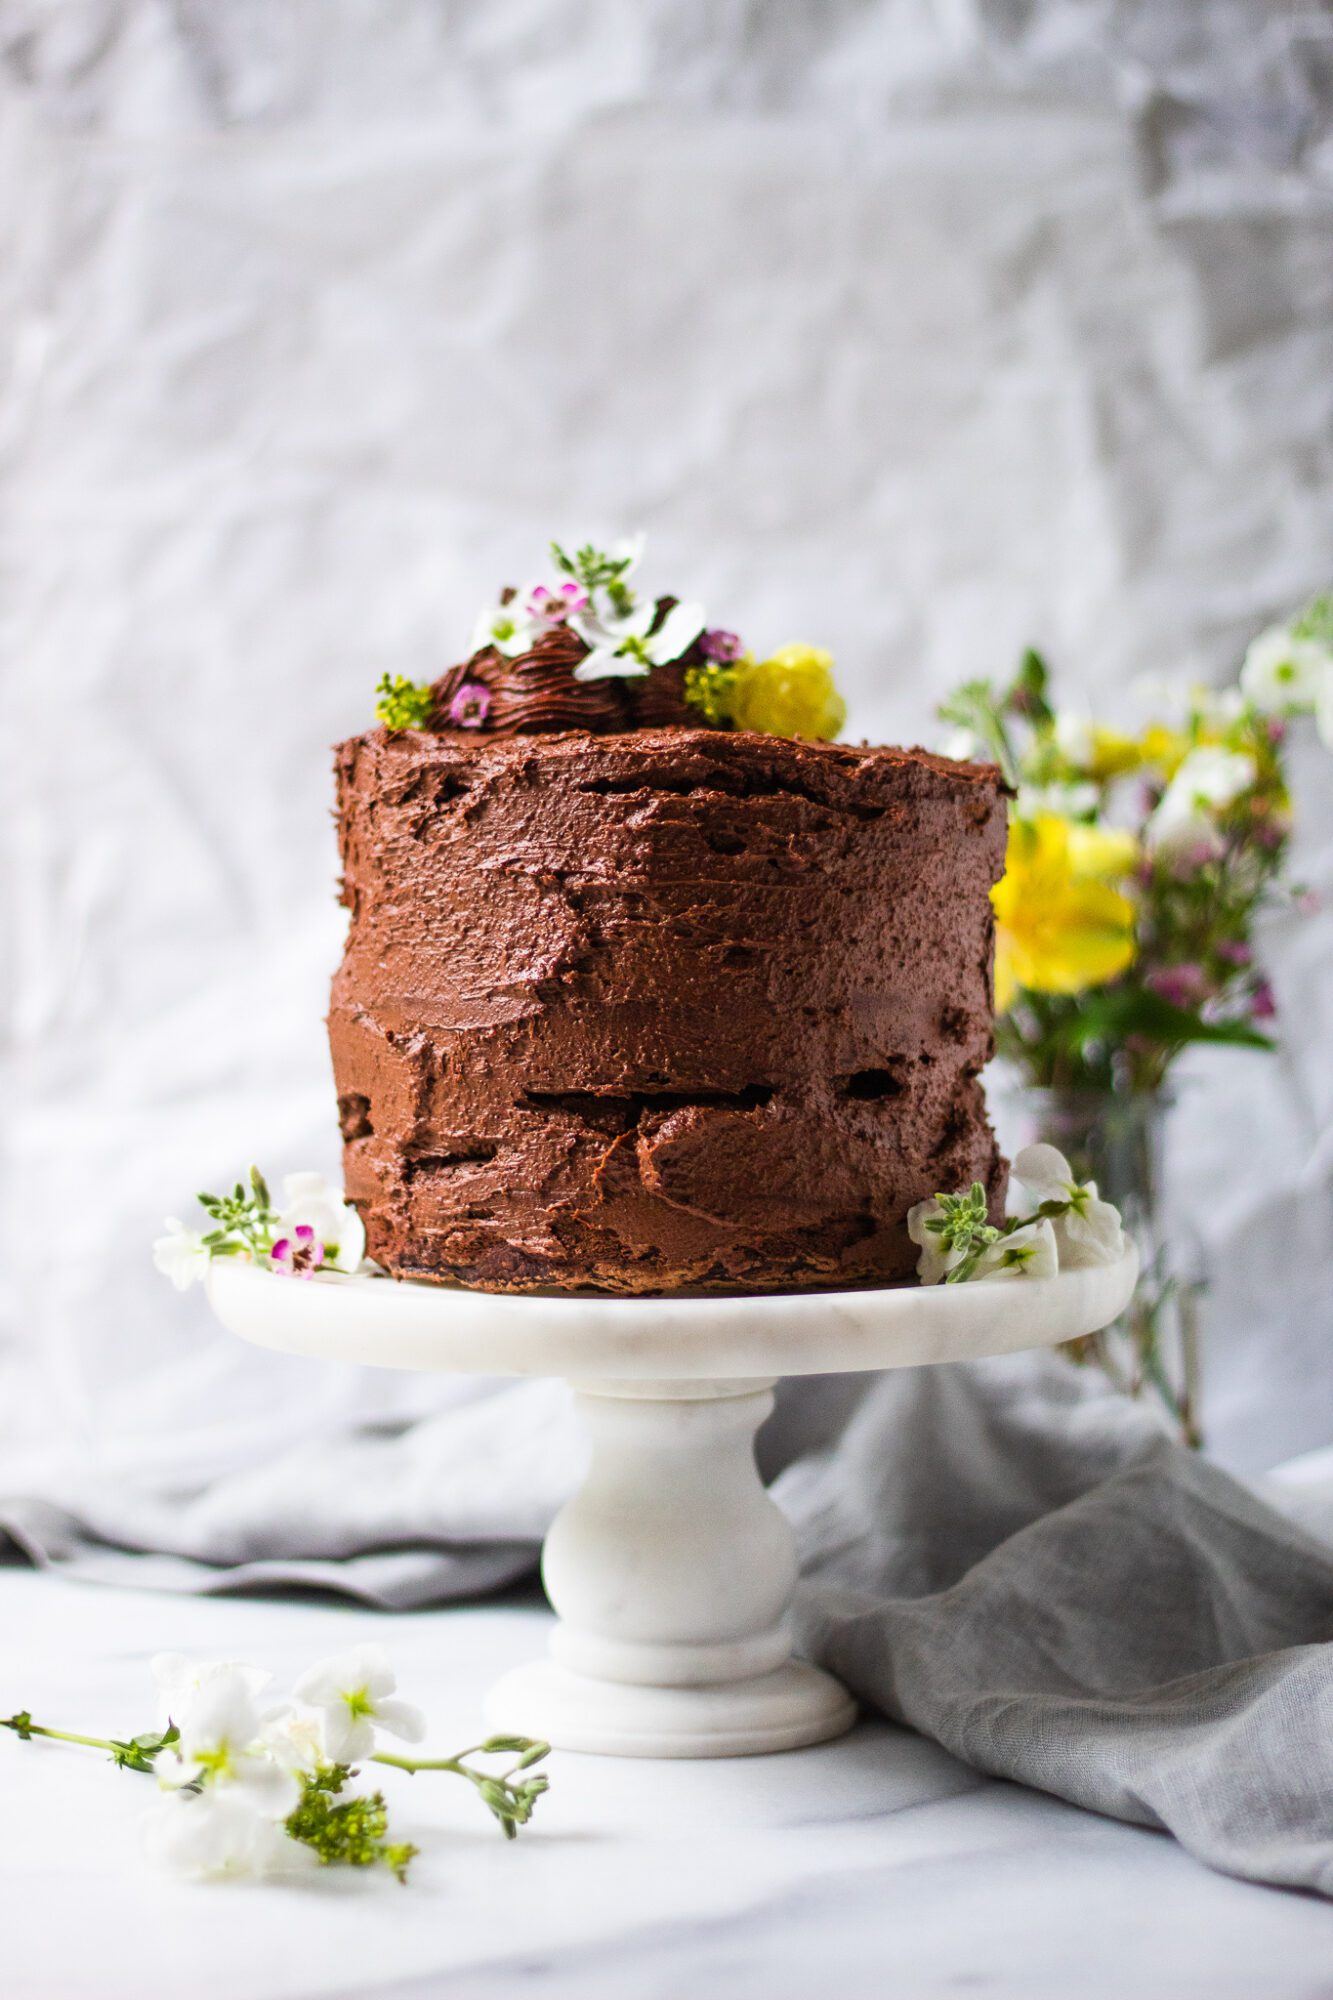 whole vegan chocolate zucchini cake